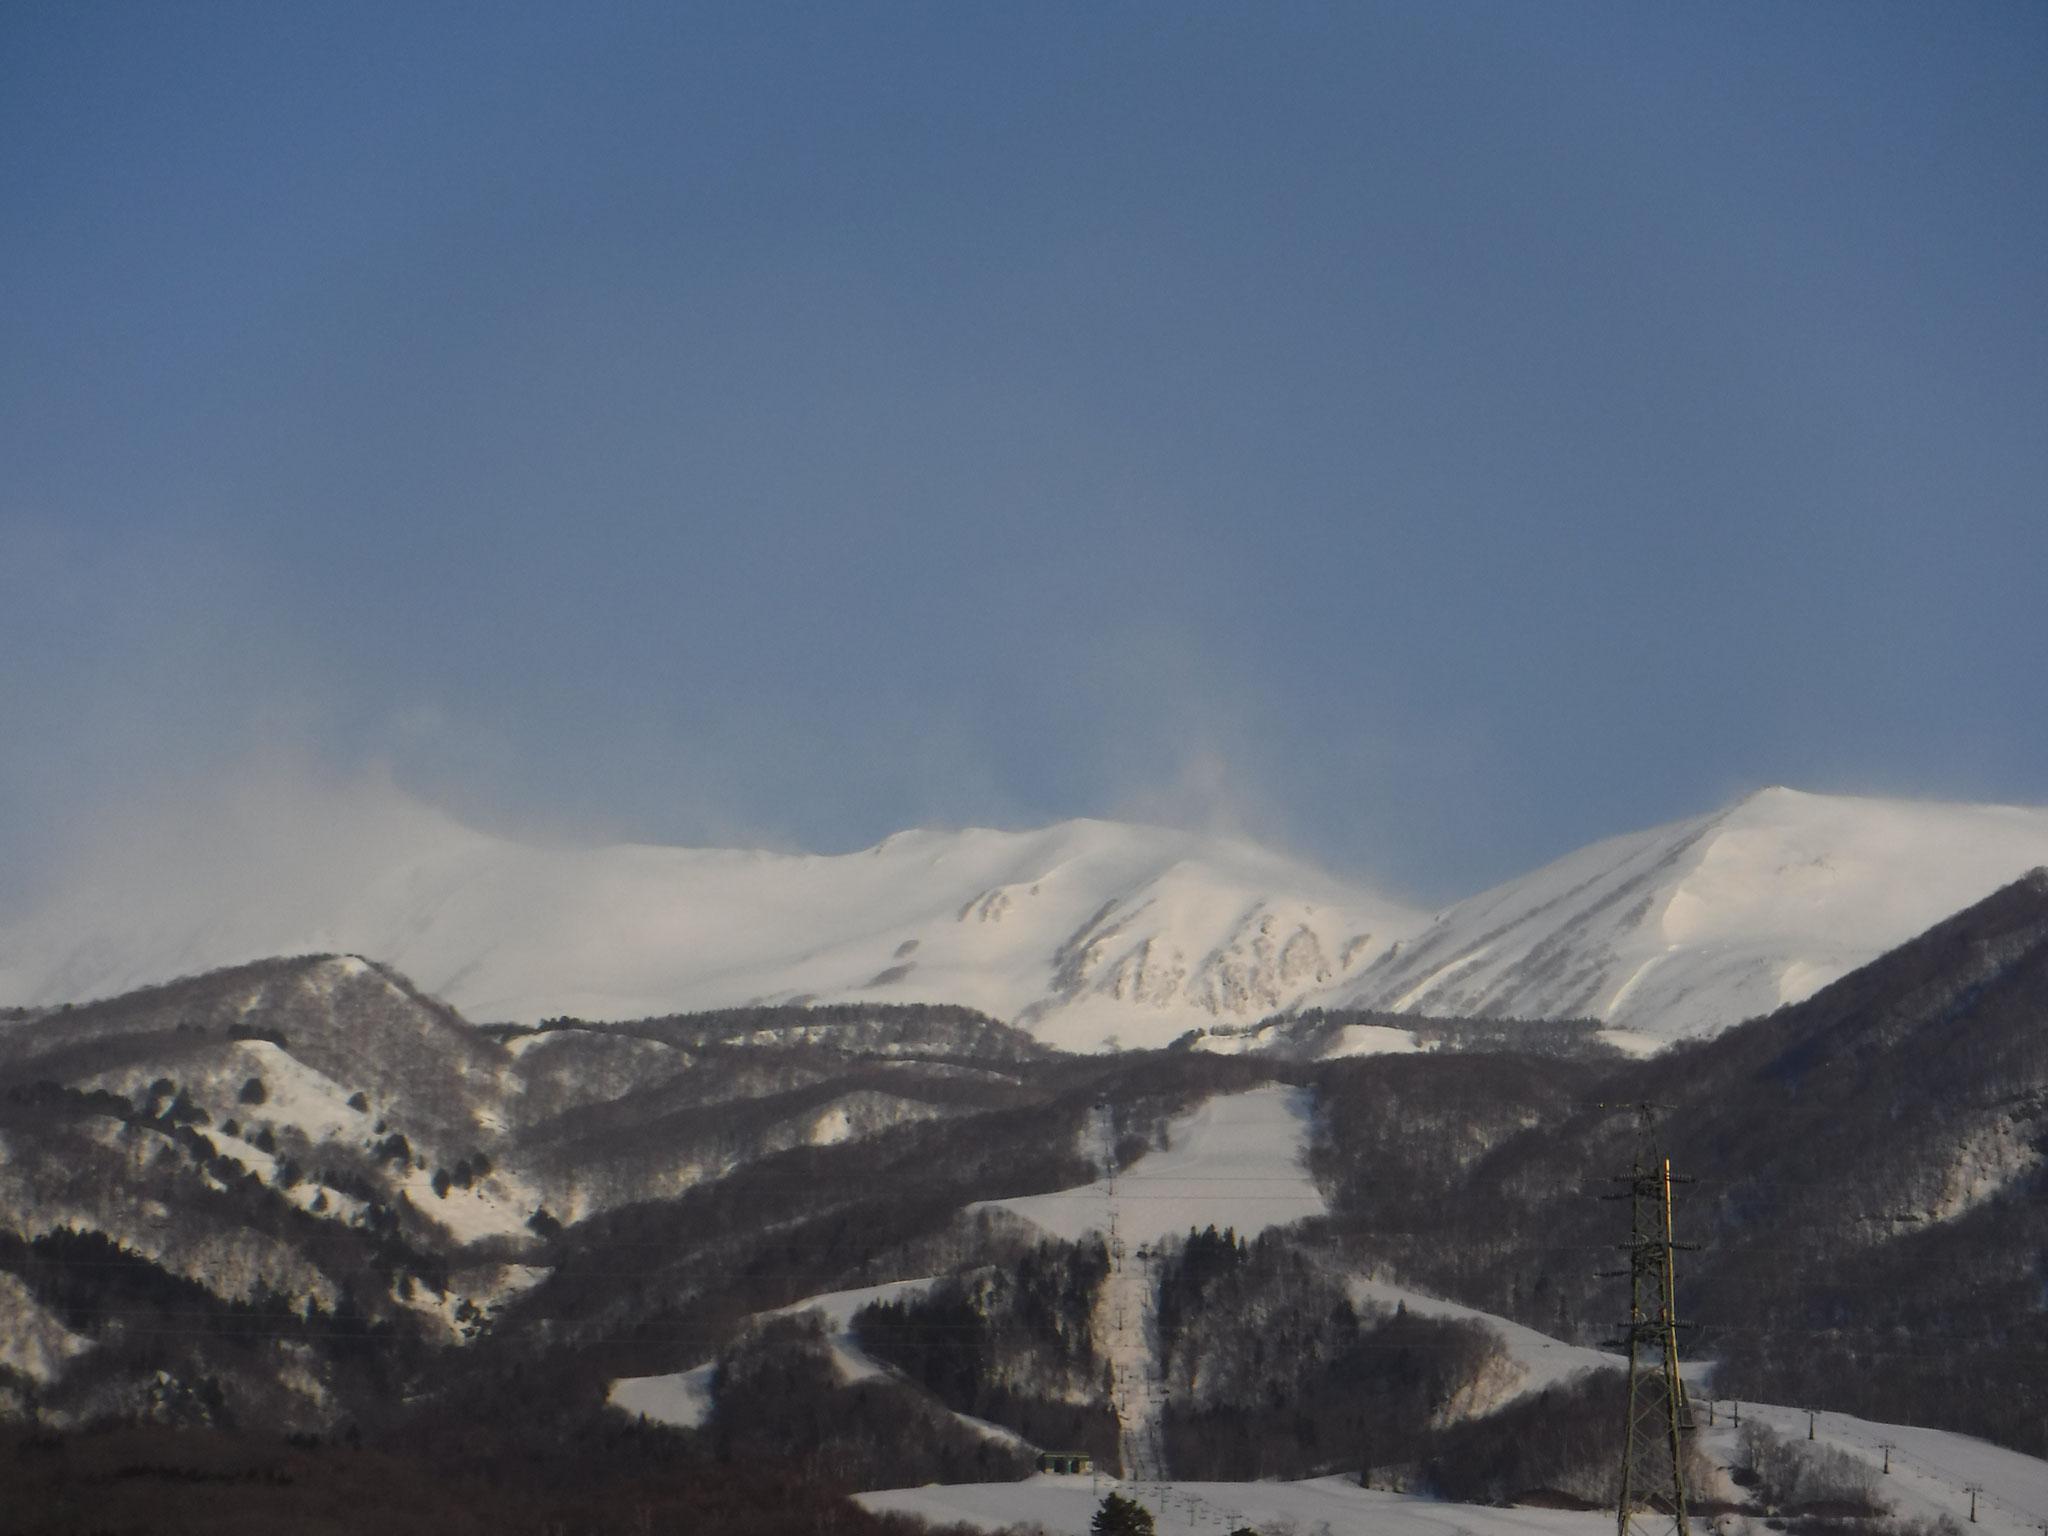 6:40 栂池スキー場より、白馬乗鞍から小蓮華山方面